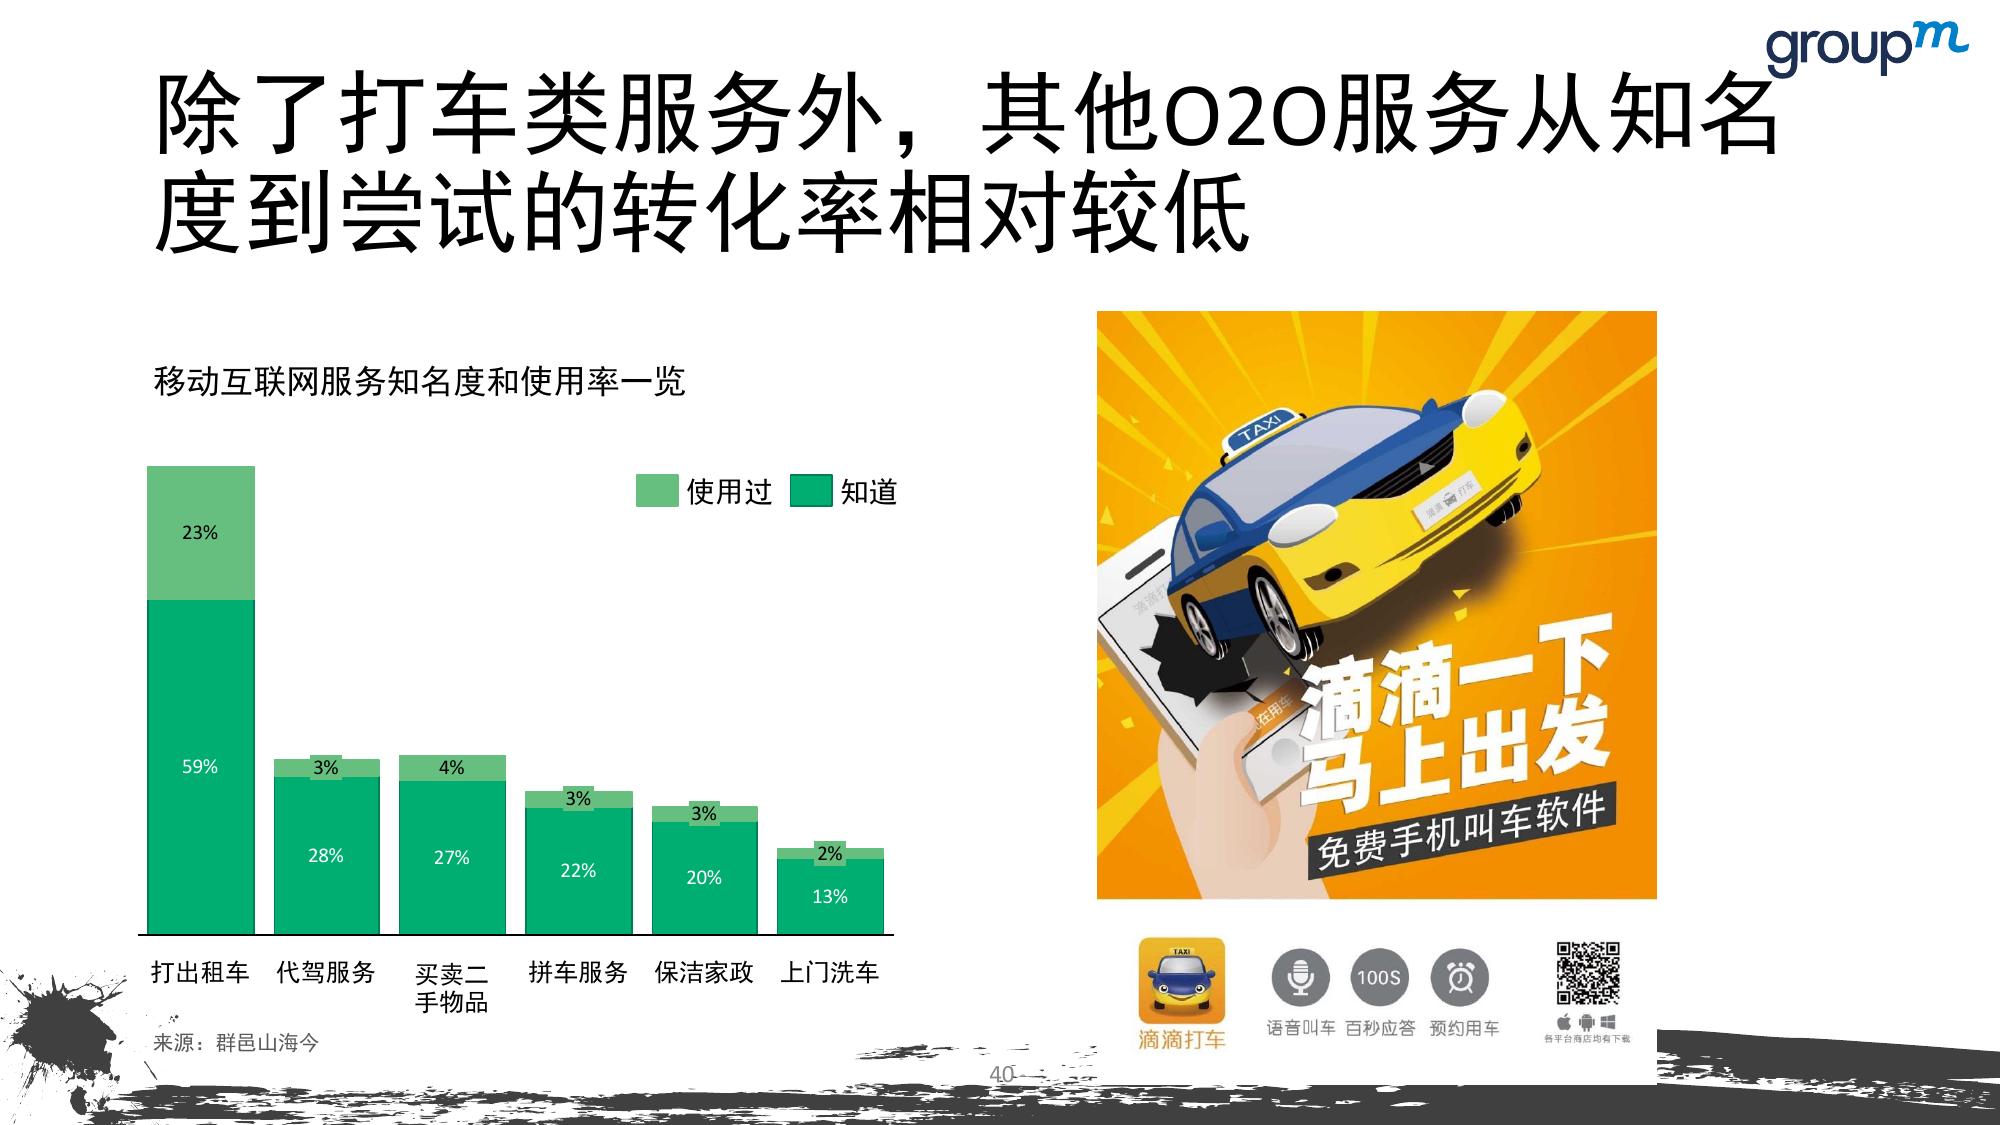 山海今2015中国媒介趋势报告_000040